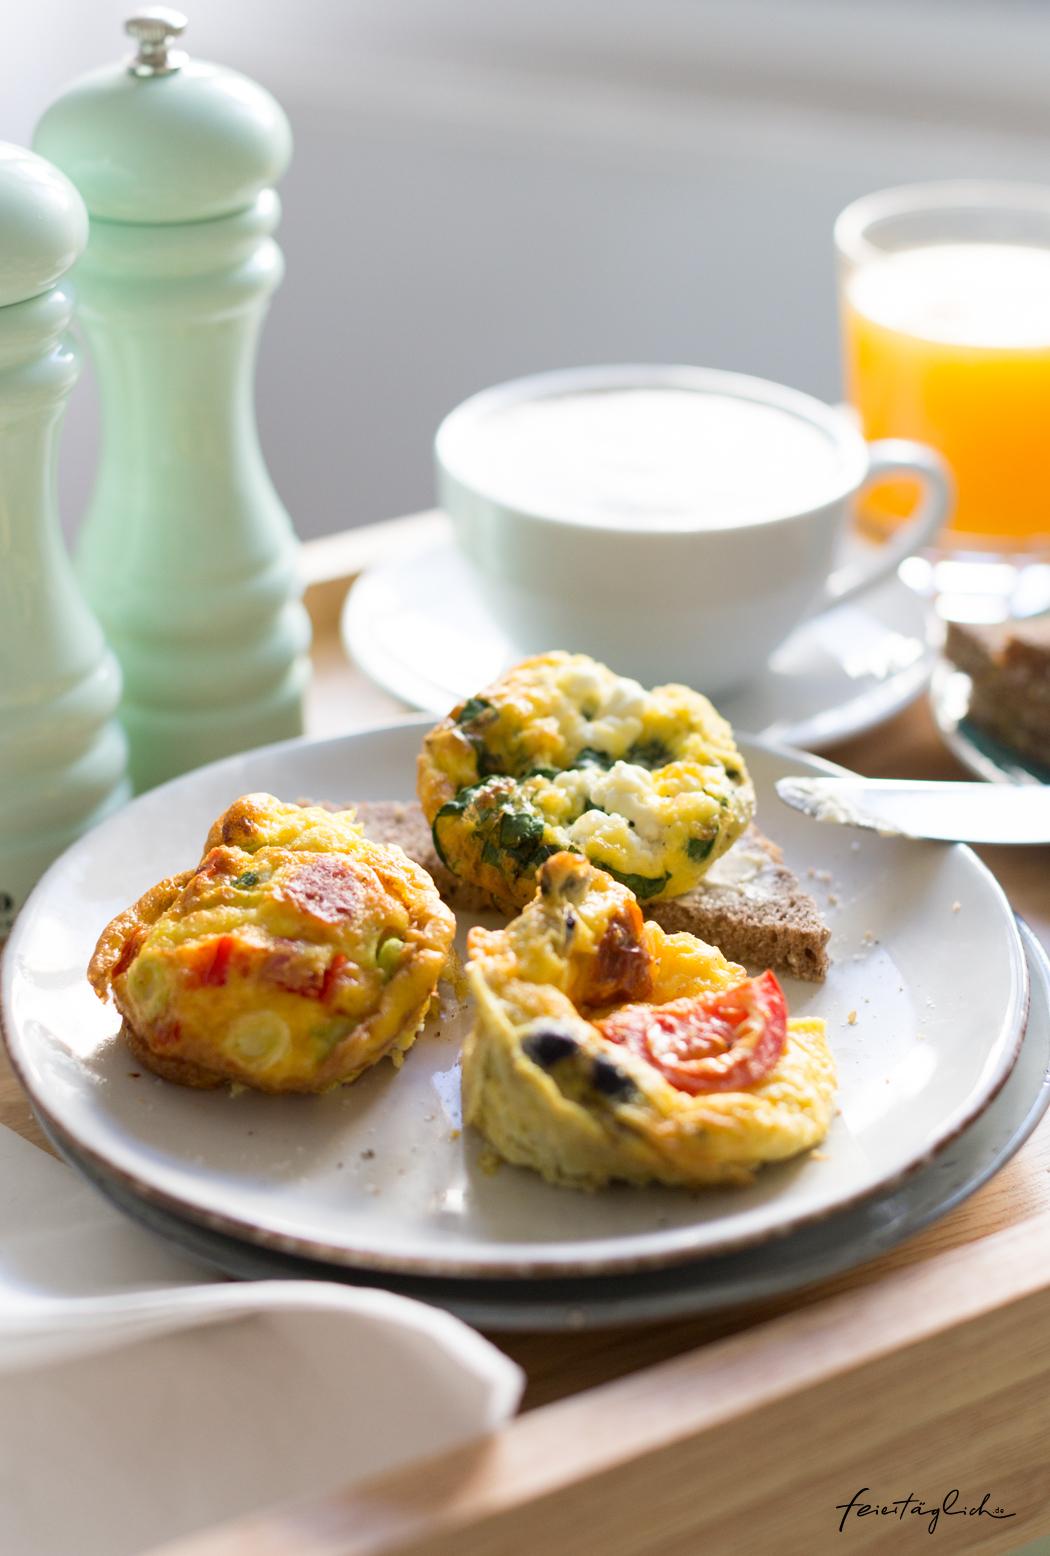 Rezept Omelette aus der Muffinform, Frühstück im Bett